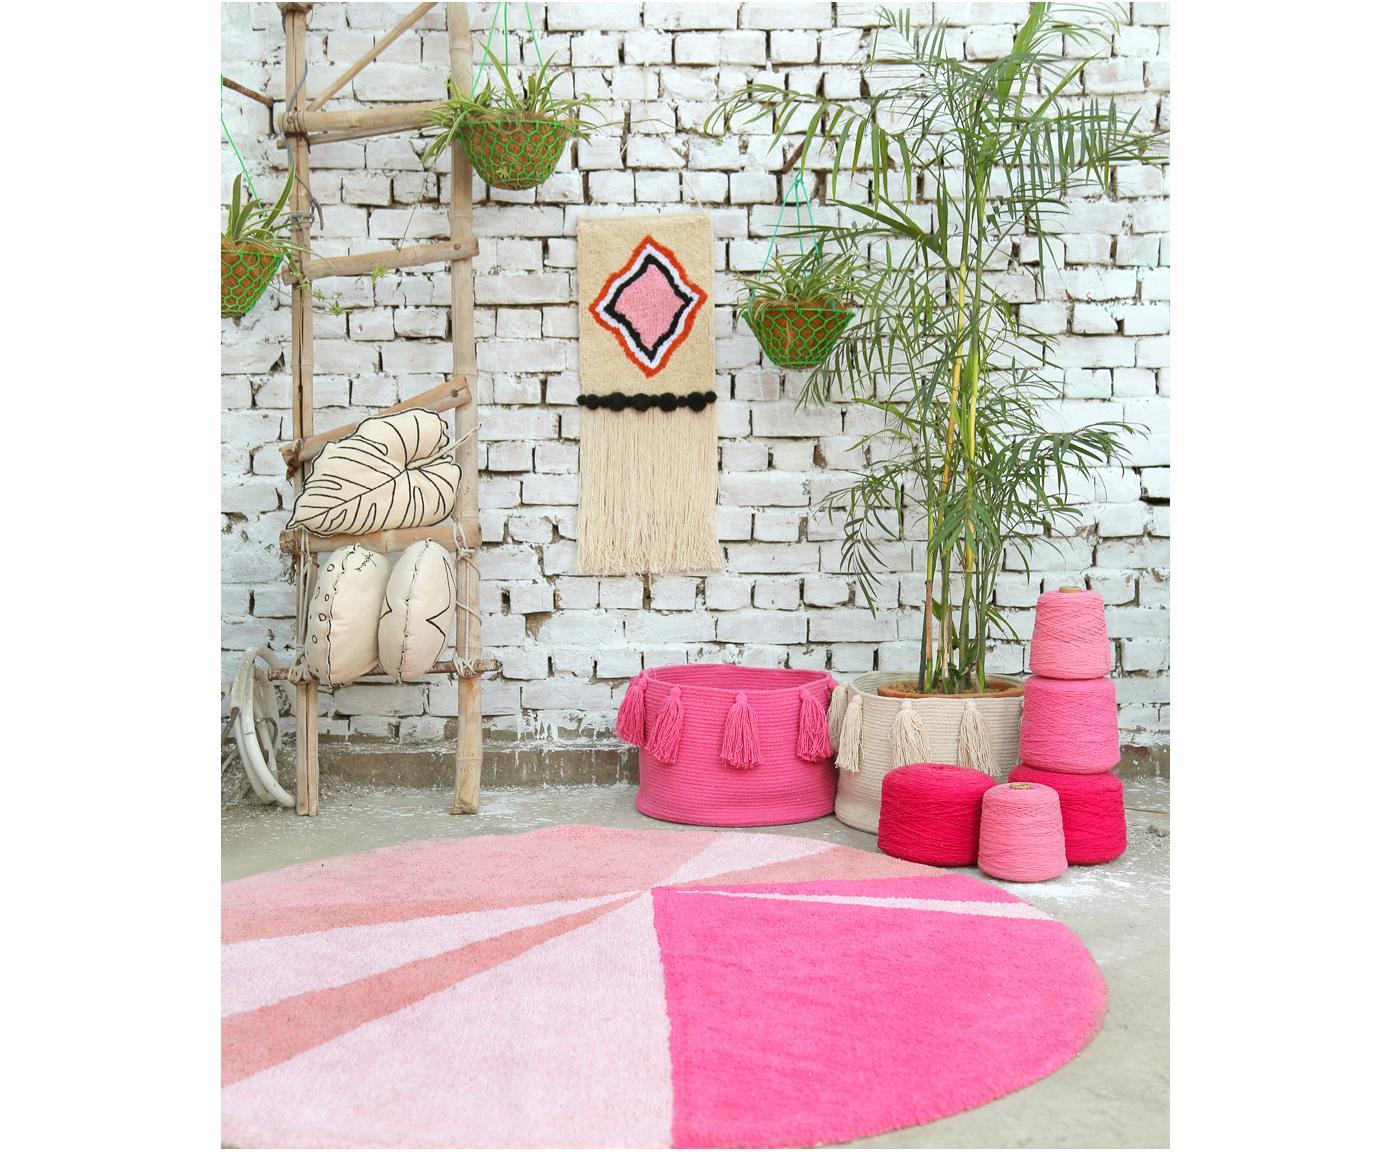 Aufbewahrungskorb Tassels, 97% Baumwolle, 3% recycelte Baumwolle, Pink, Ø 45 x H 30 cm